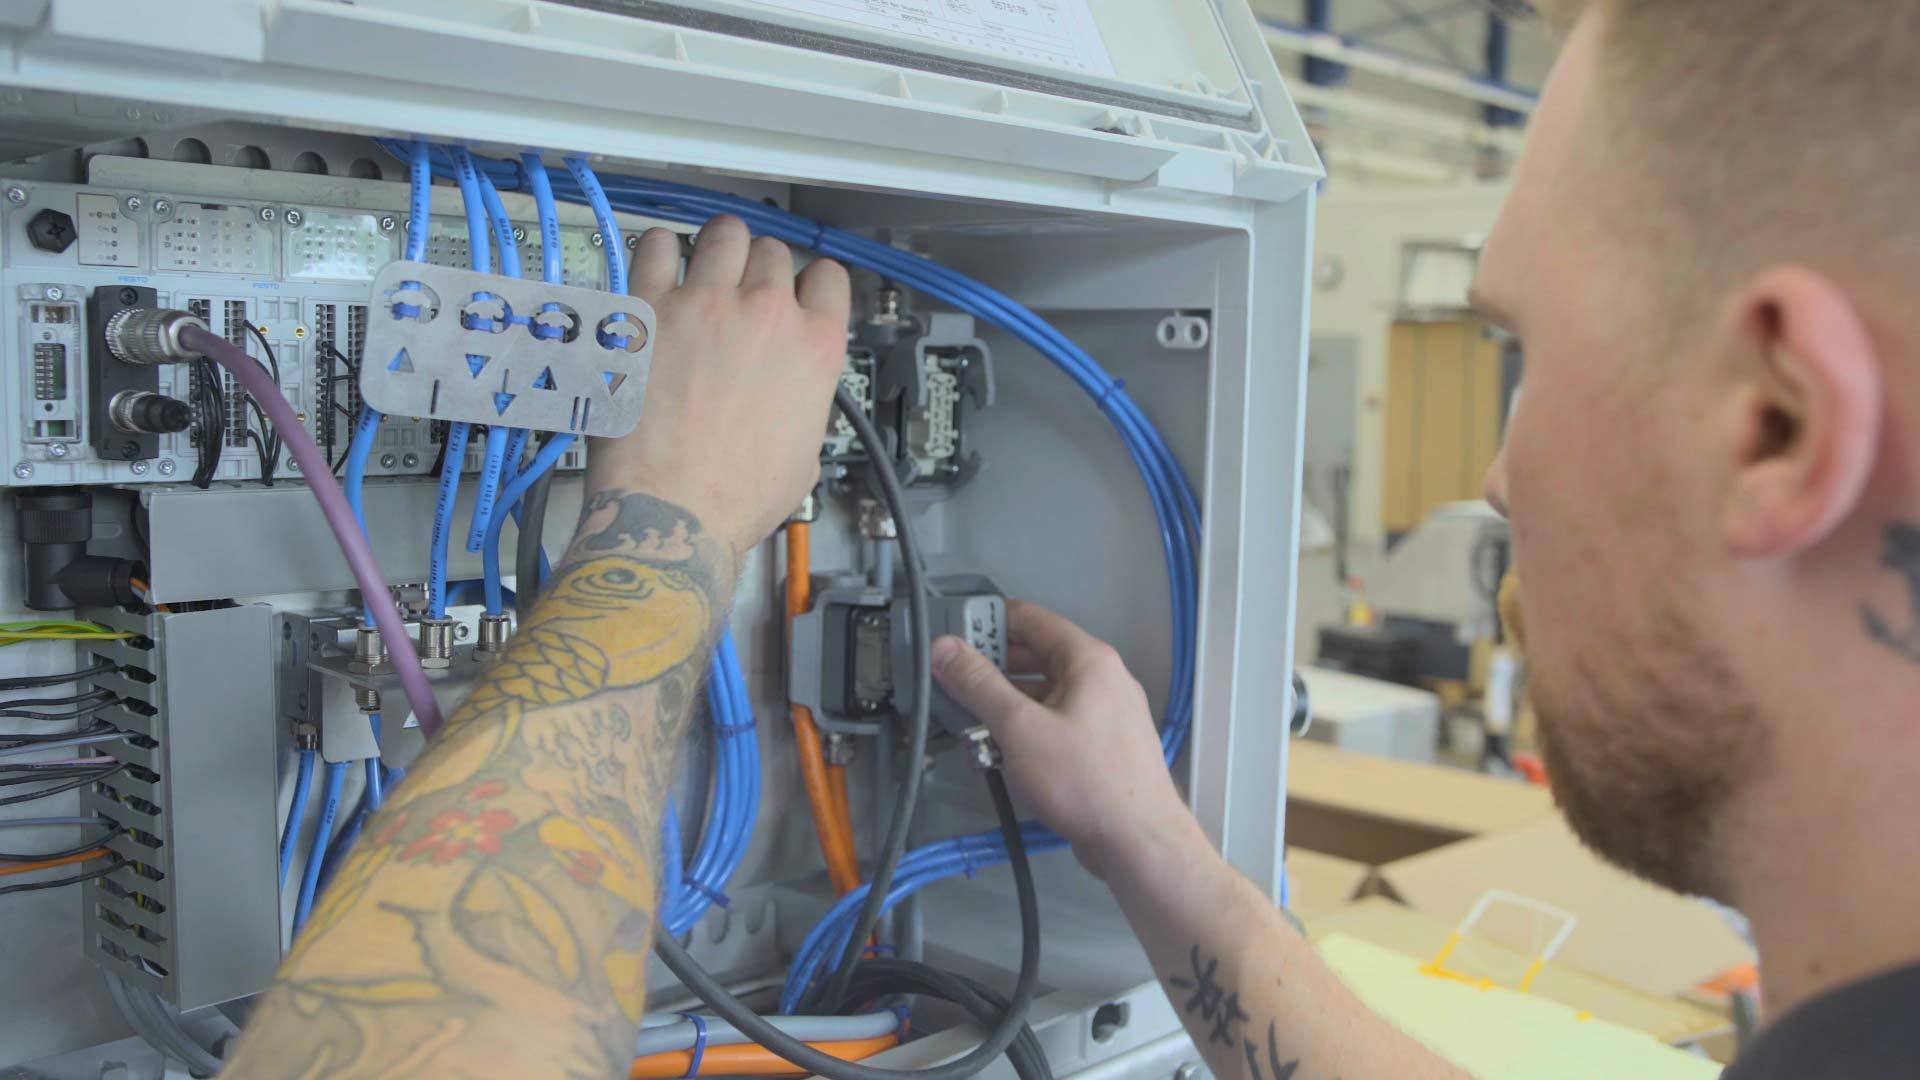 Field service engineer - High tech